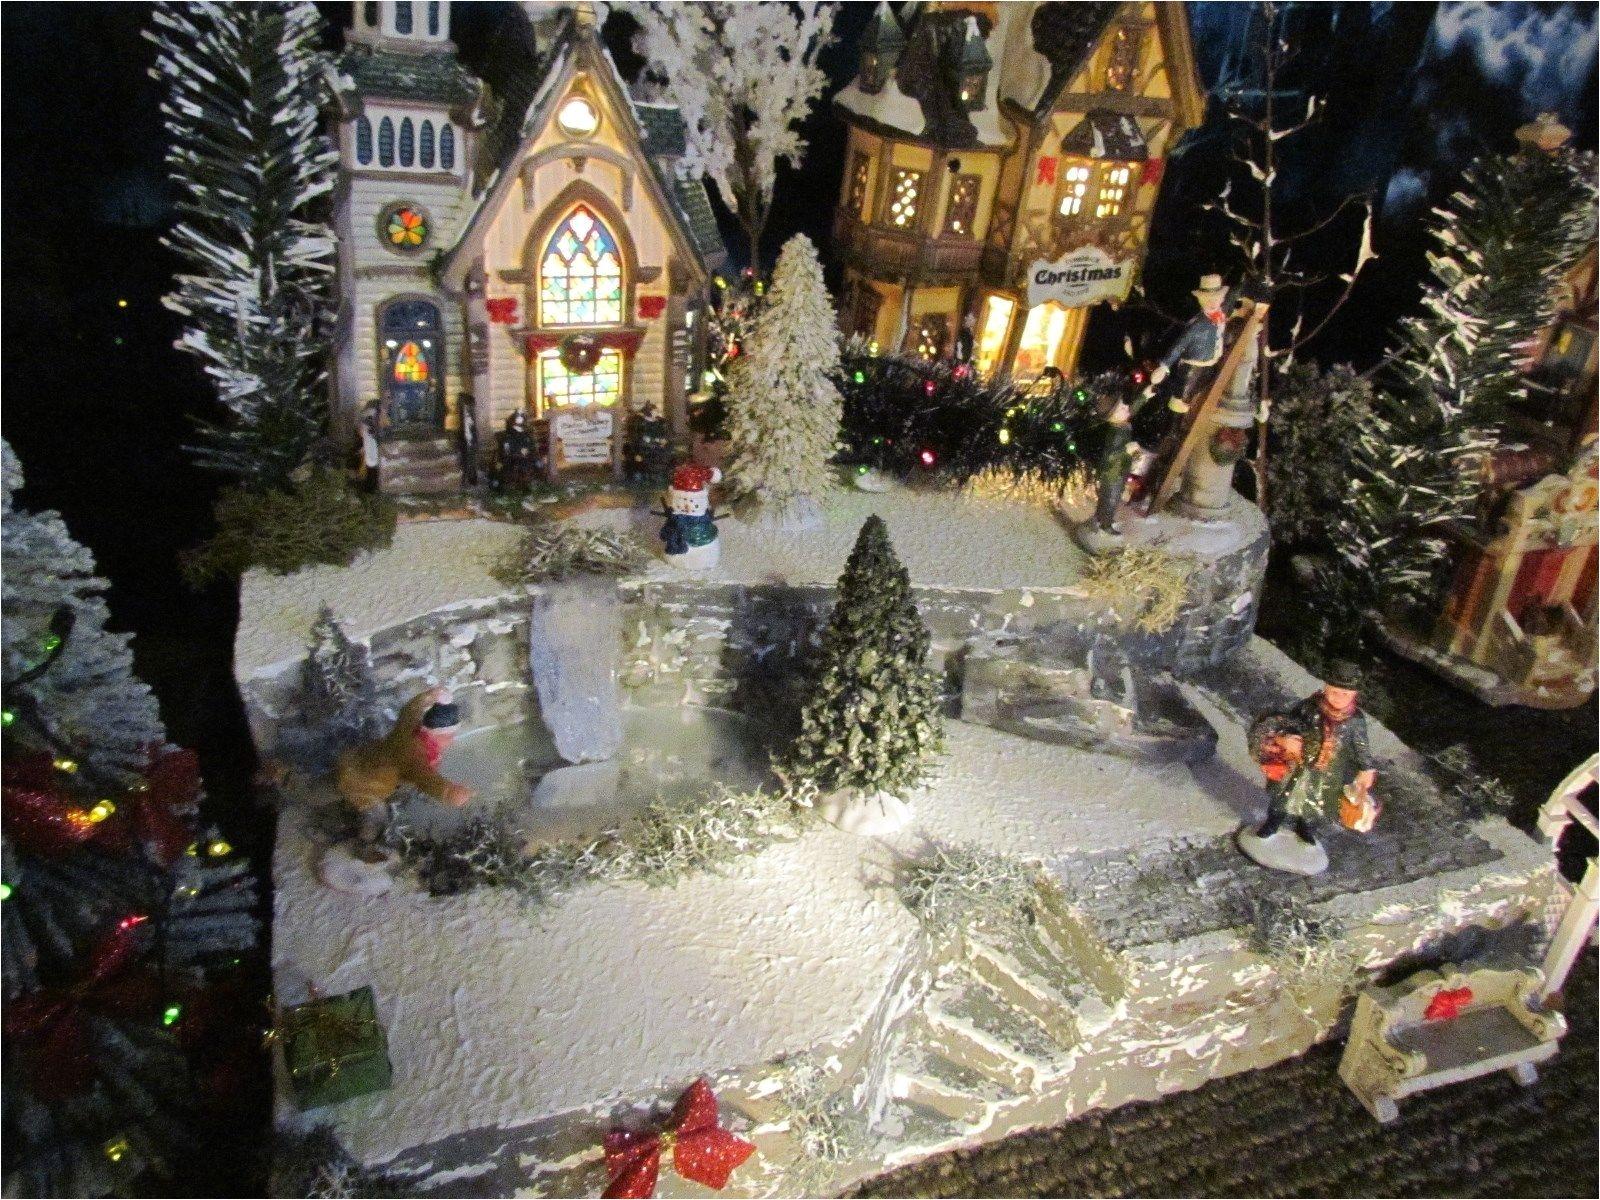 christmas waterfall frozen pond village display platform base dept 56 north pole for sale villagedisplays com